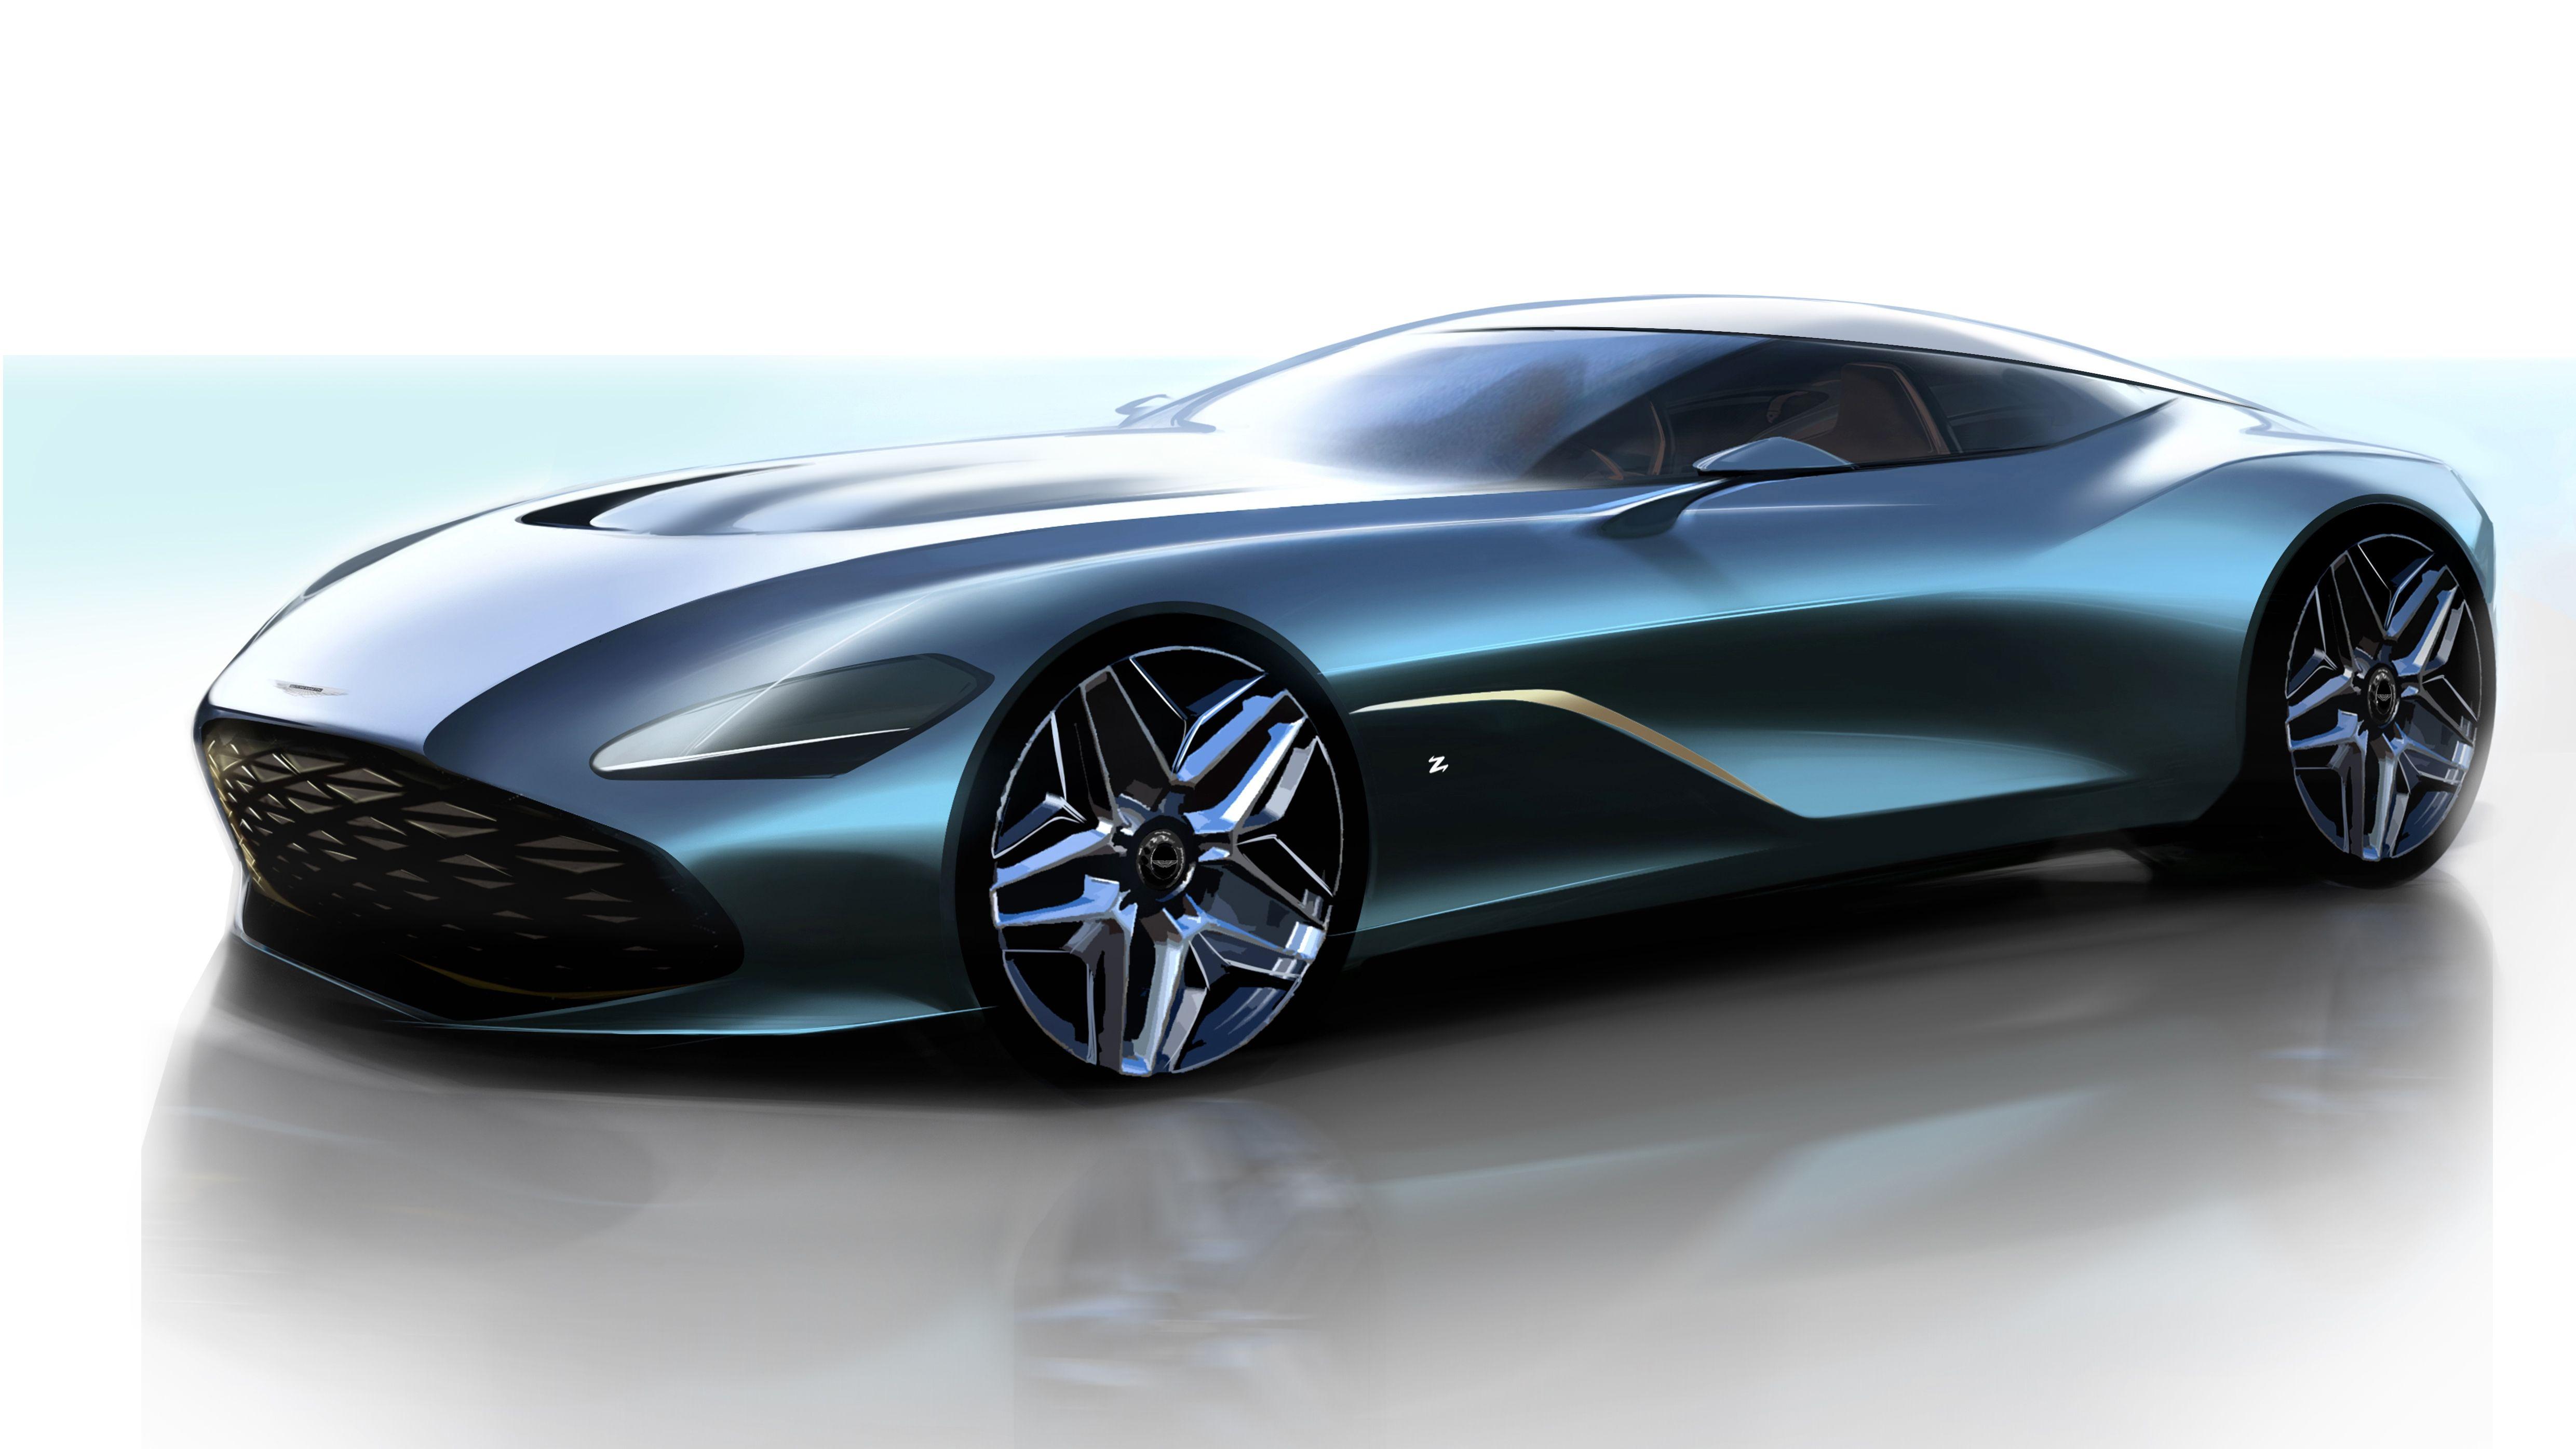 Zagato S Centenary Aston Martin Looks Stunning In First Renders Top Speed Aston Martin Dbs Aston Martin Cars Aston Martin